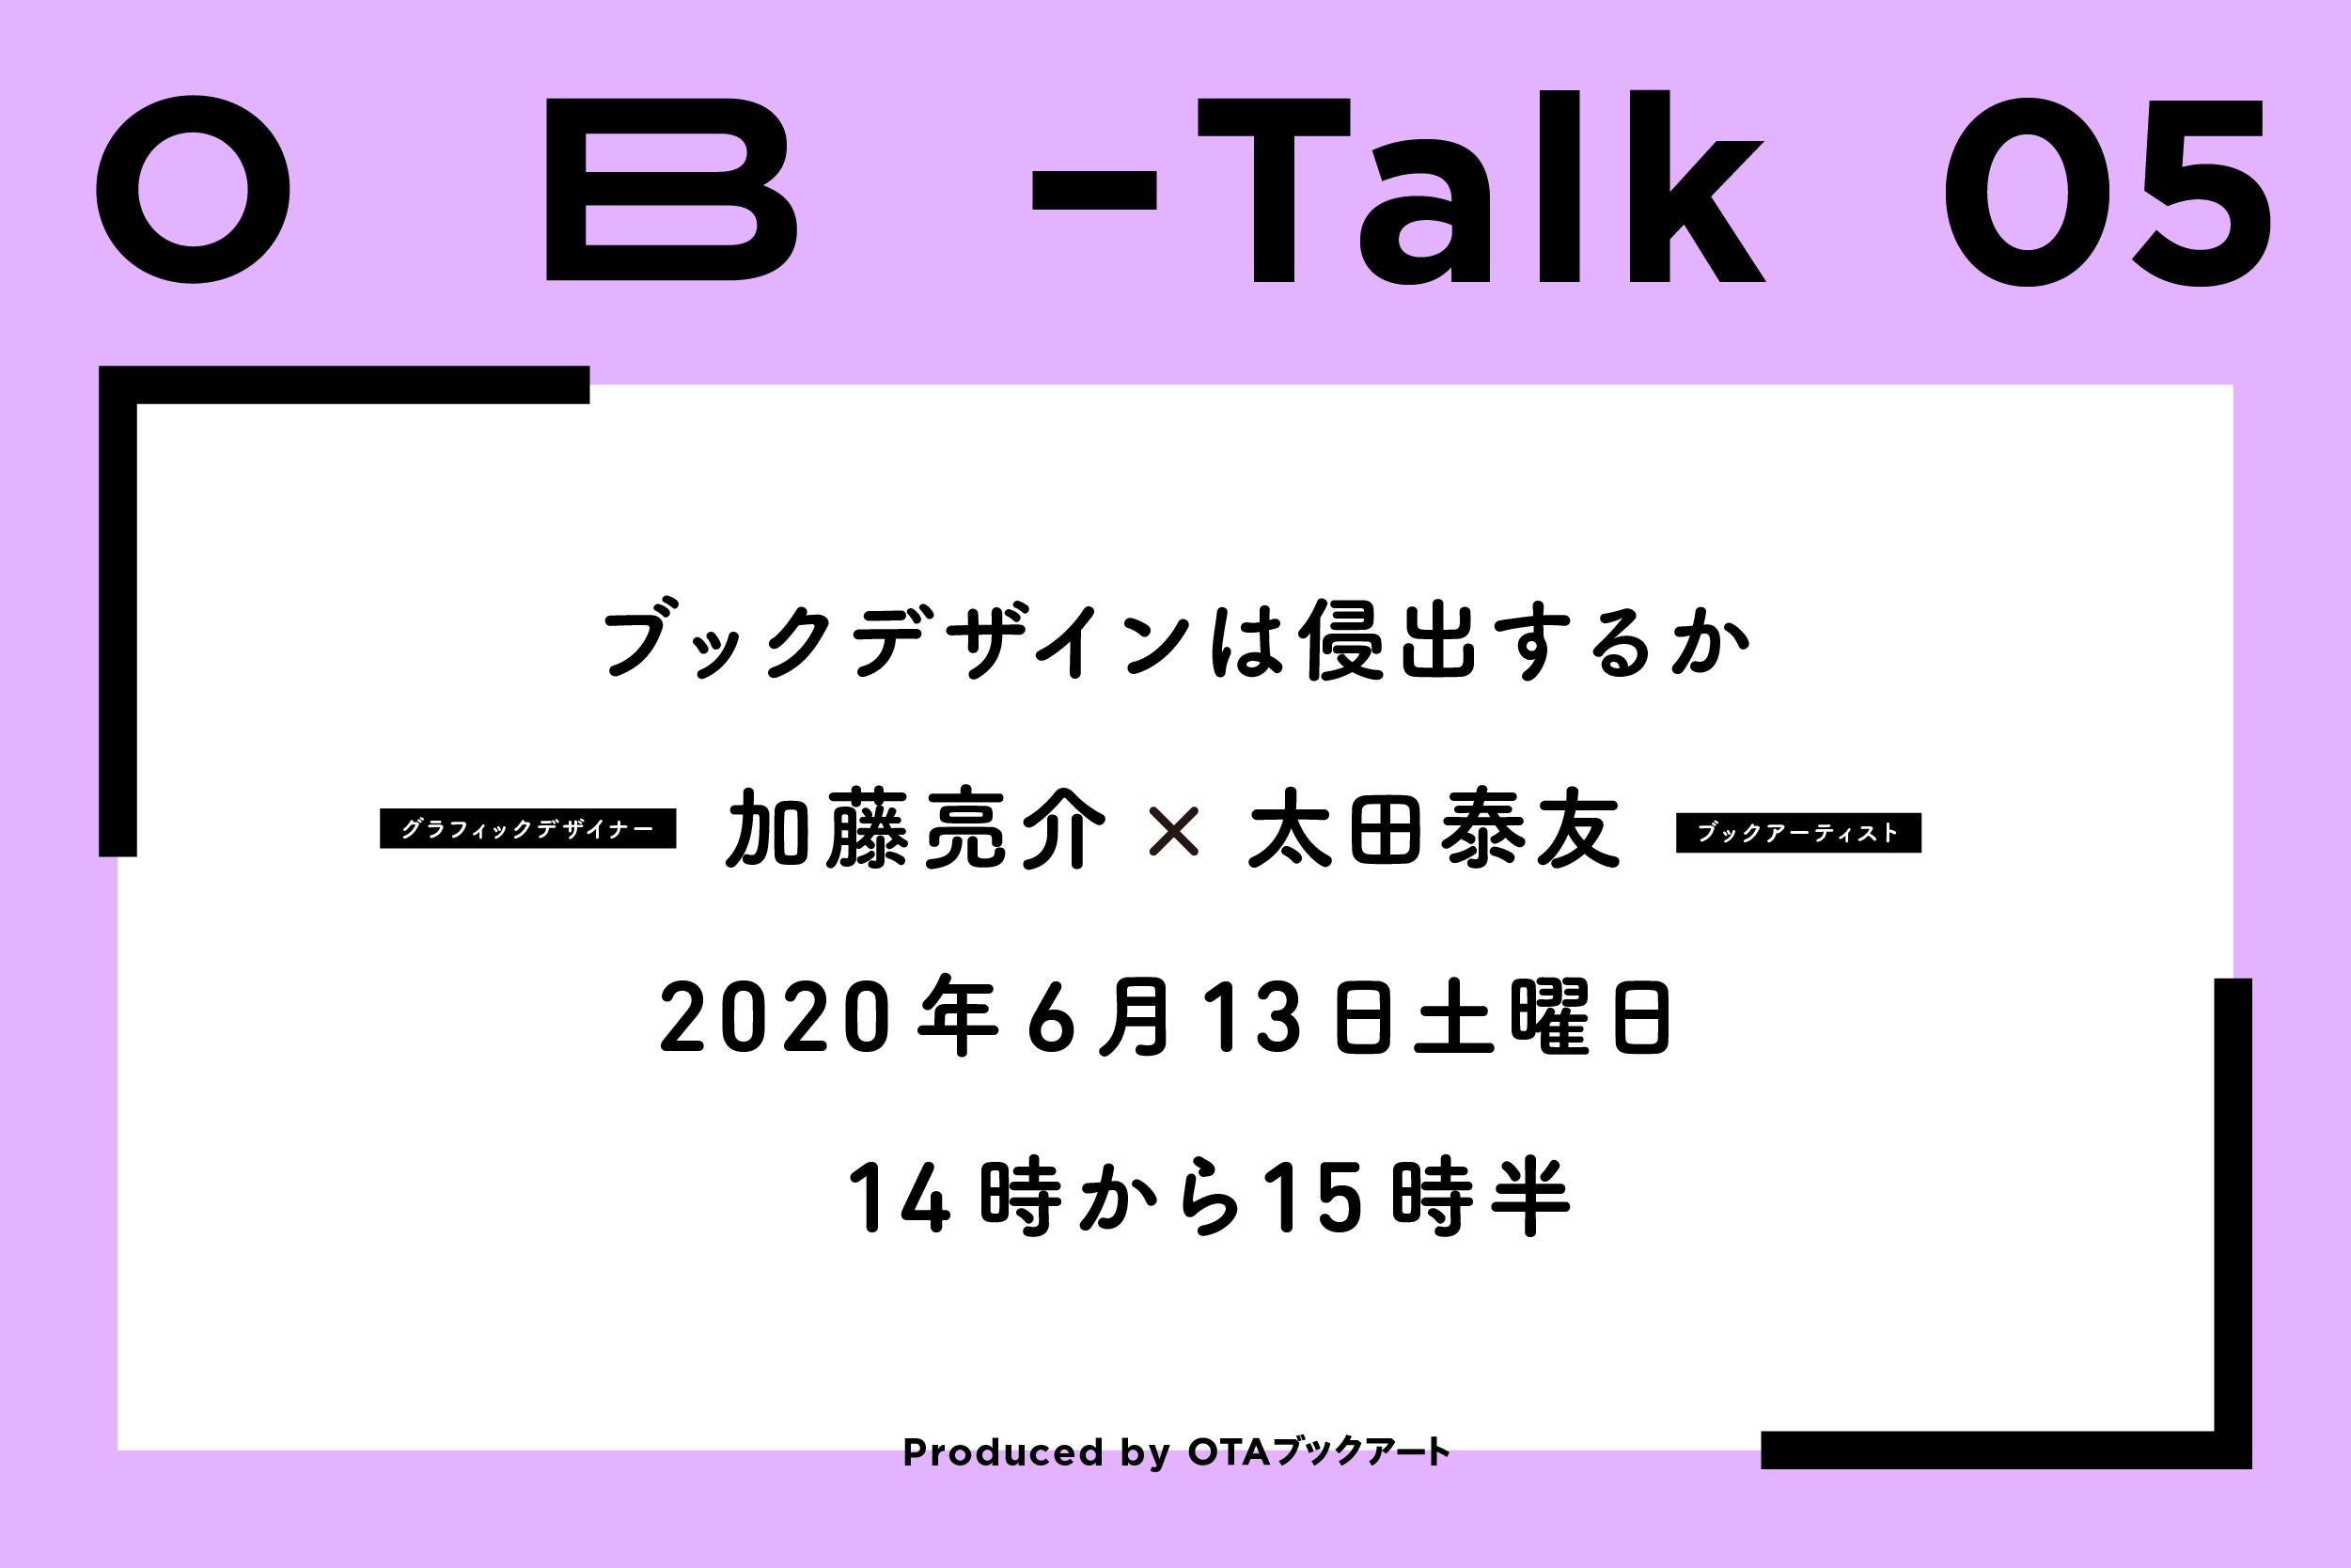 OB-Talk_05